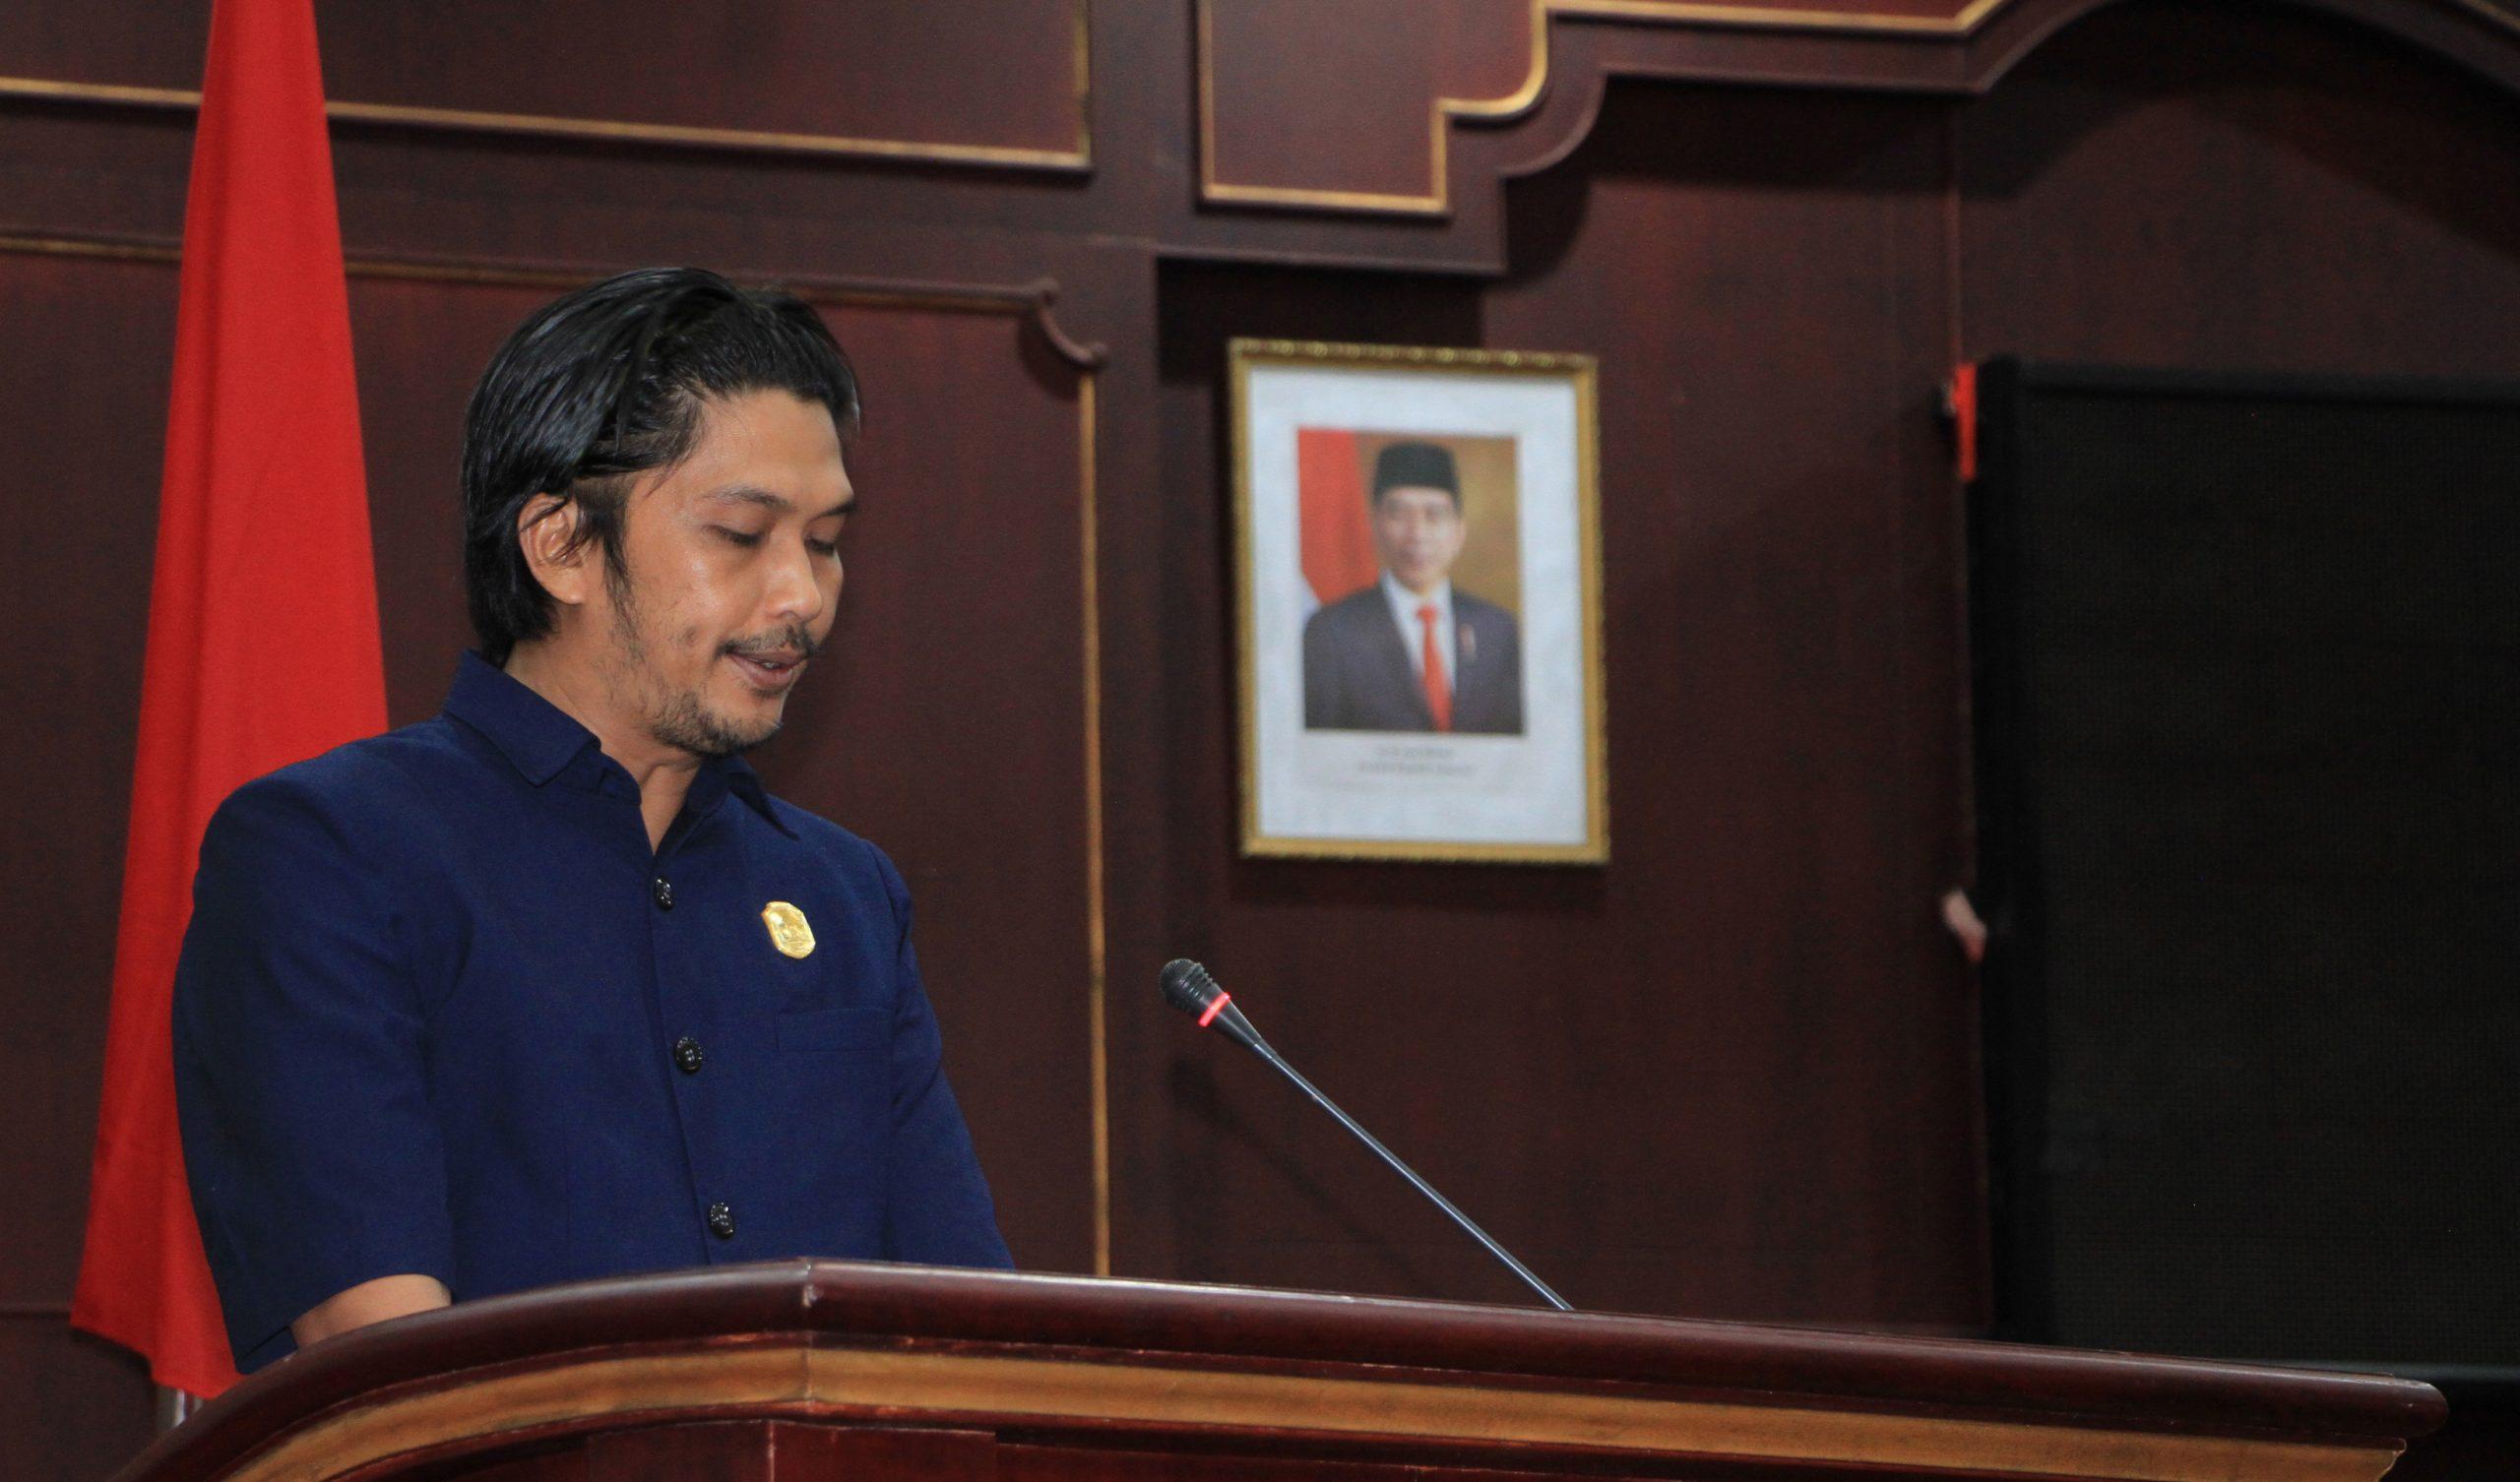 Ahmad Triyadi